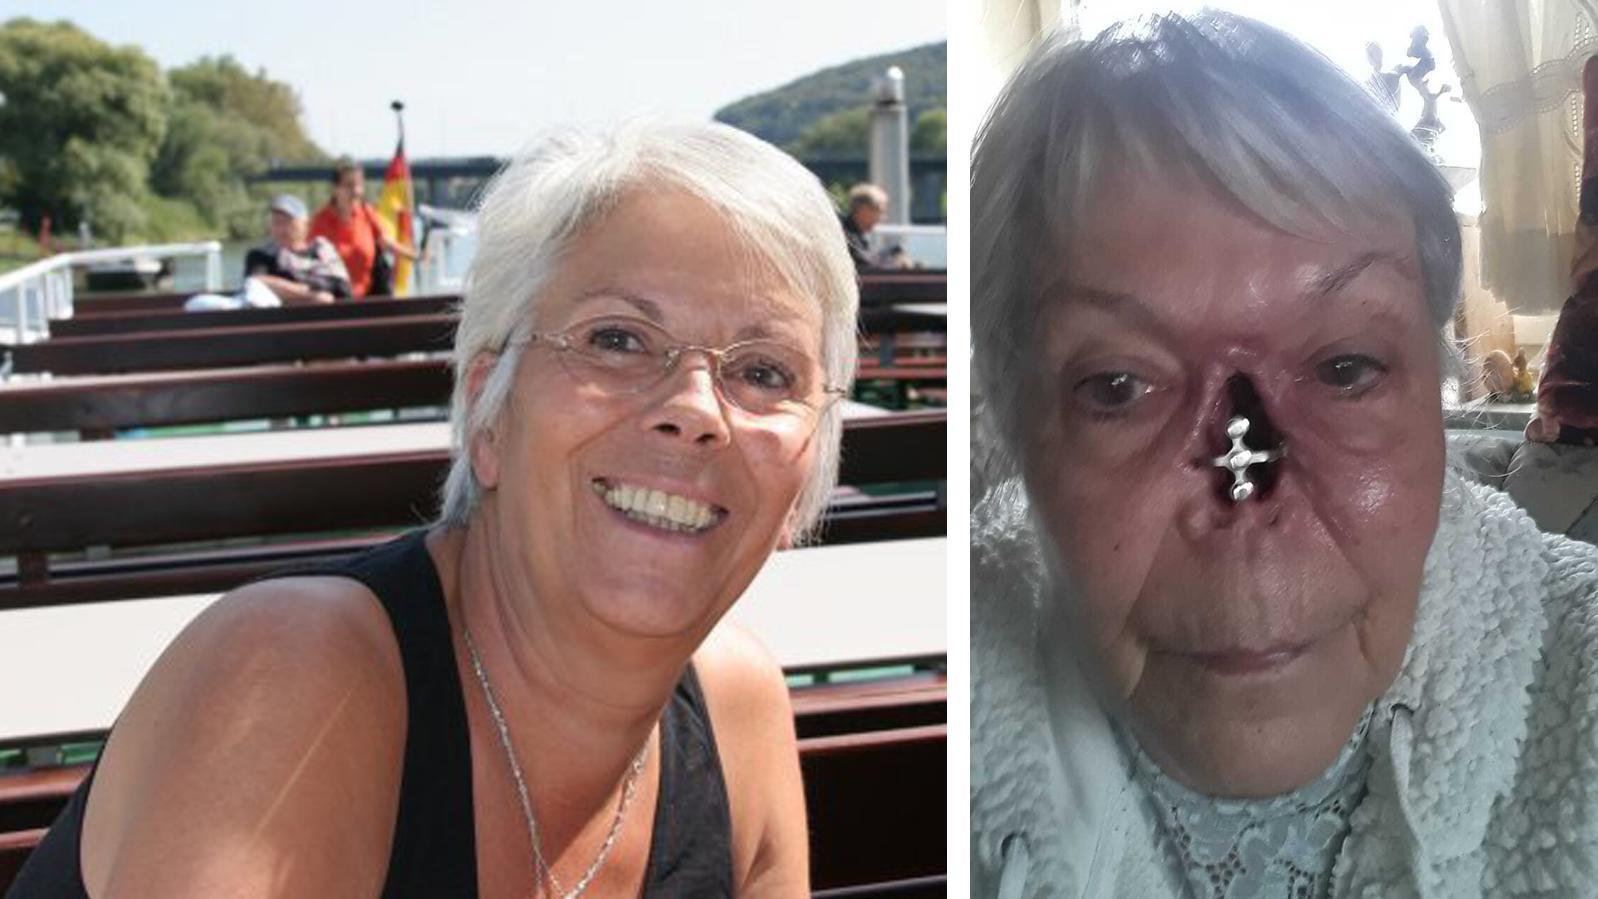 Links sieht man, wie Ulrike vor der Krebs-OP aussah. Das rechte Bild zeigt sie nach dem heftigen Eingriff.